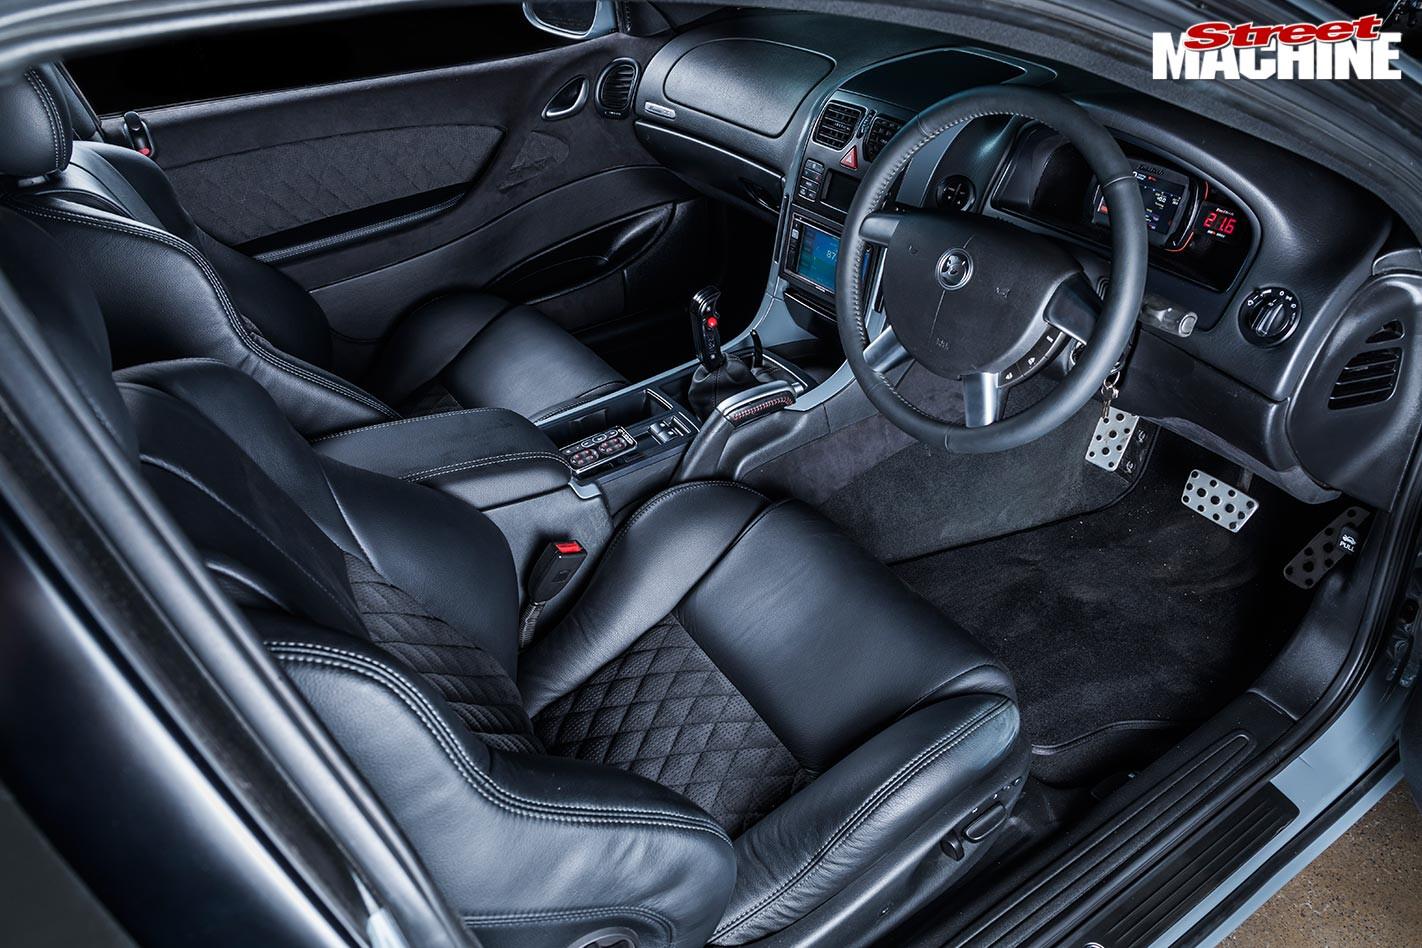 HSV GTO interior